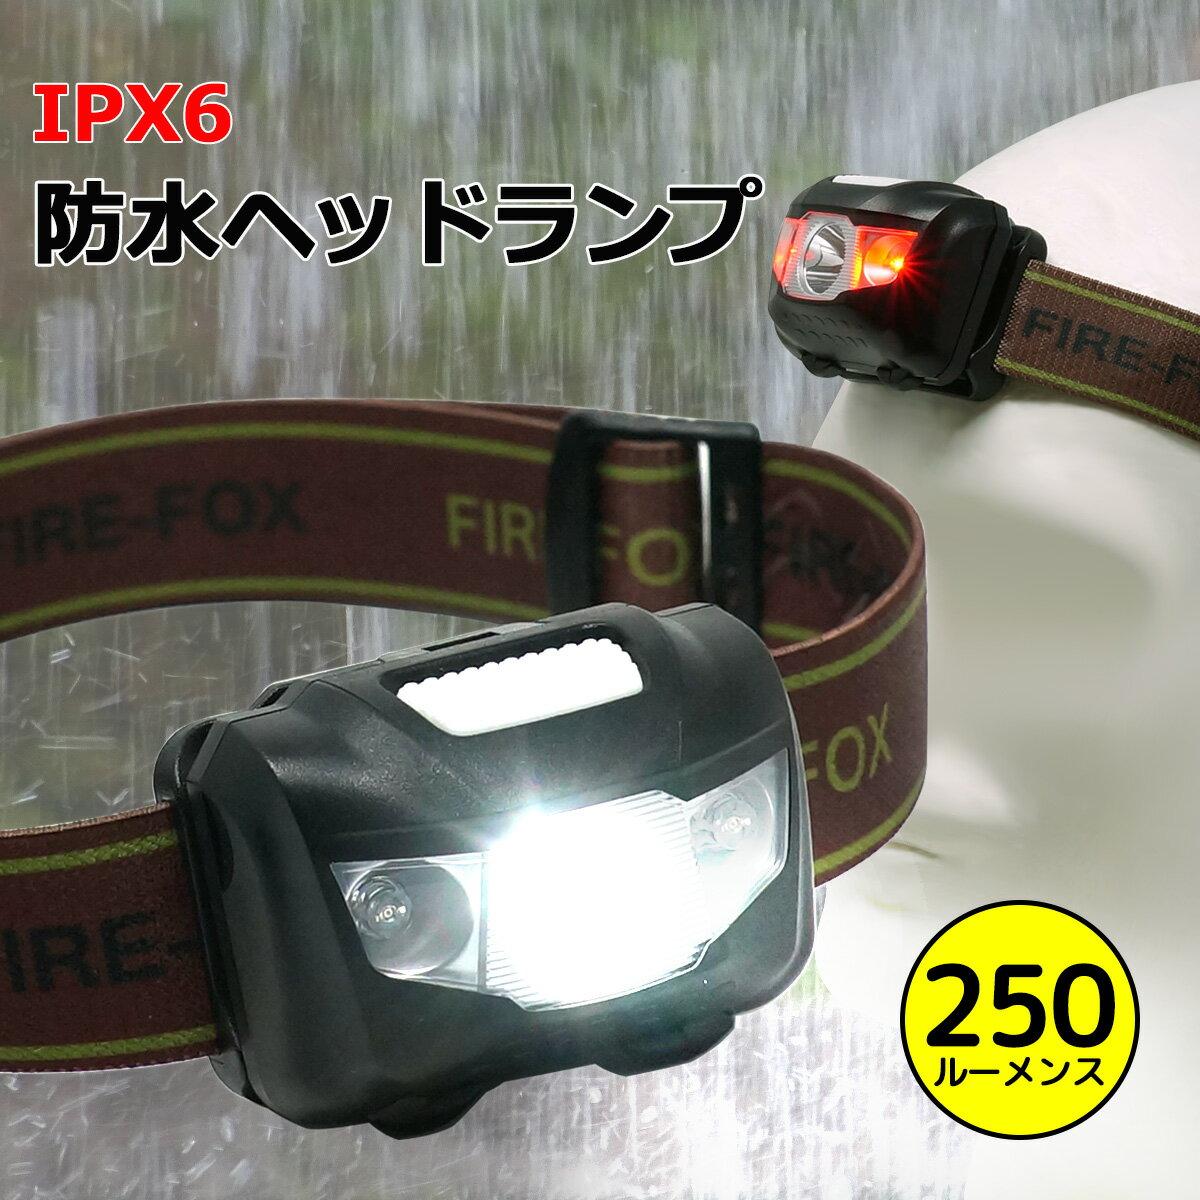 強力 防水 LED ヘッドランプ IPX6 【滑らないヘッドバンド付】 赤白 2色 切替式 自衛隊でも使われている FIREFOXブランド FX-1809